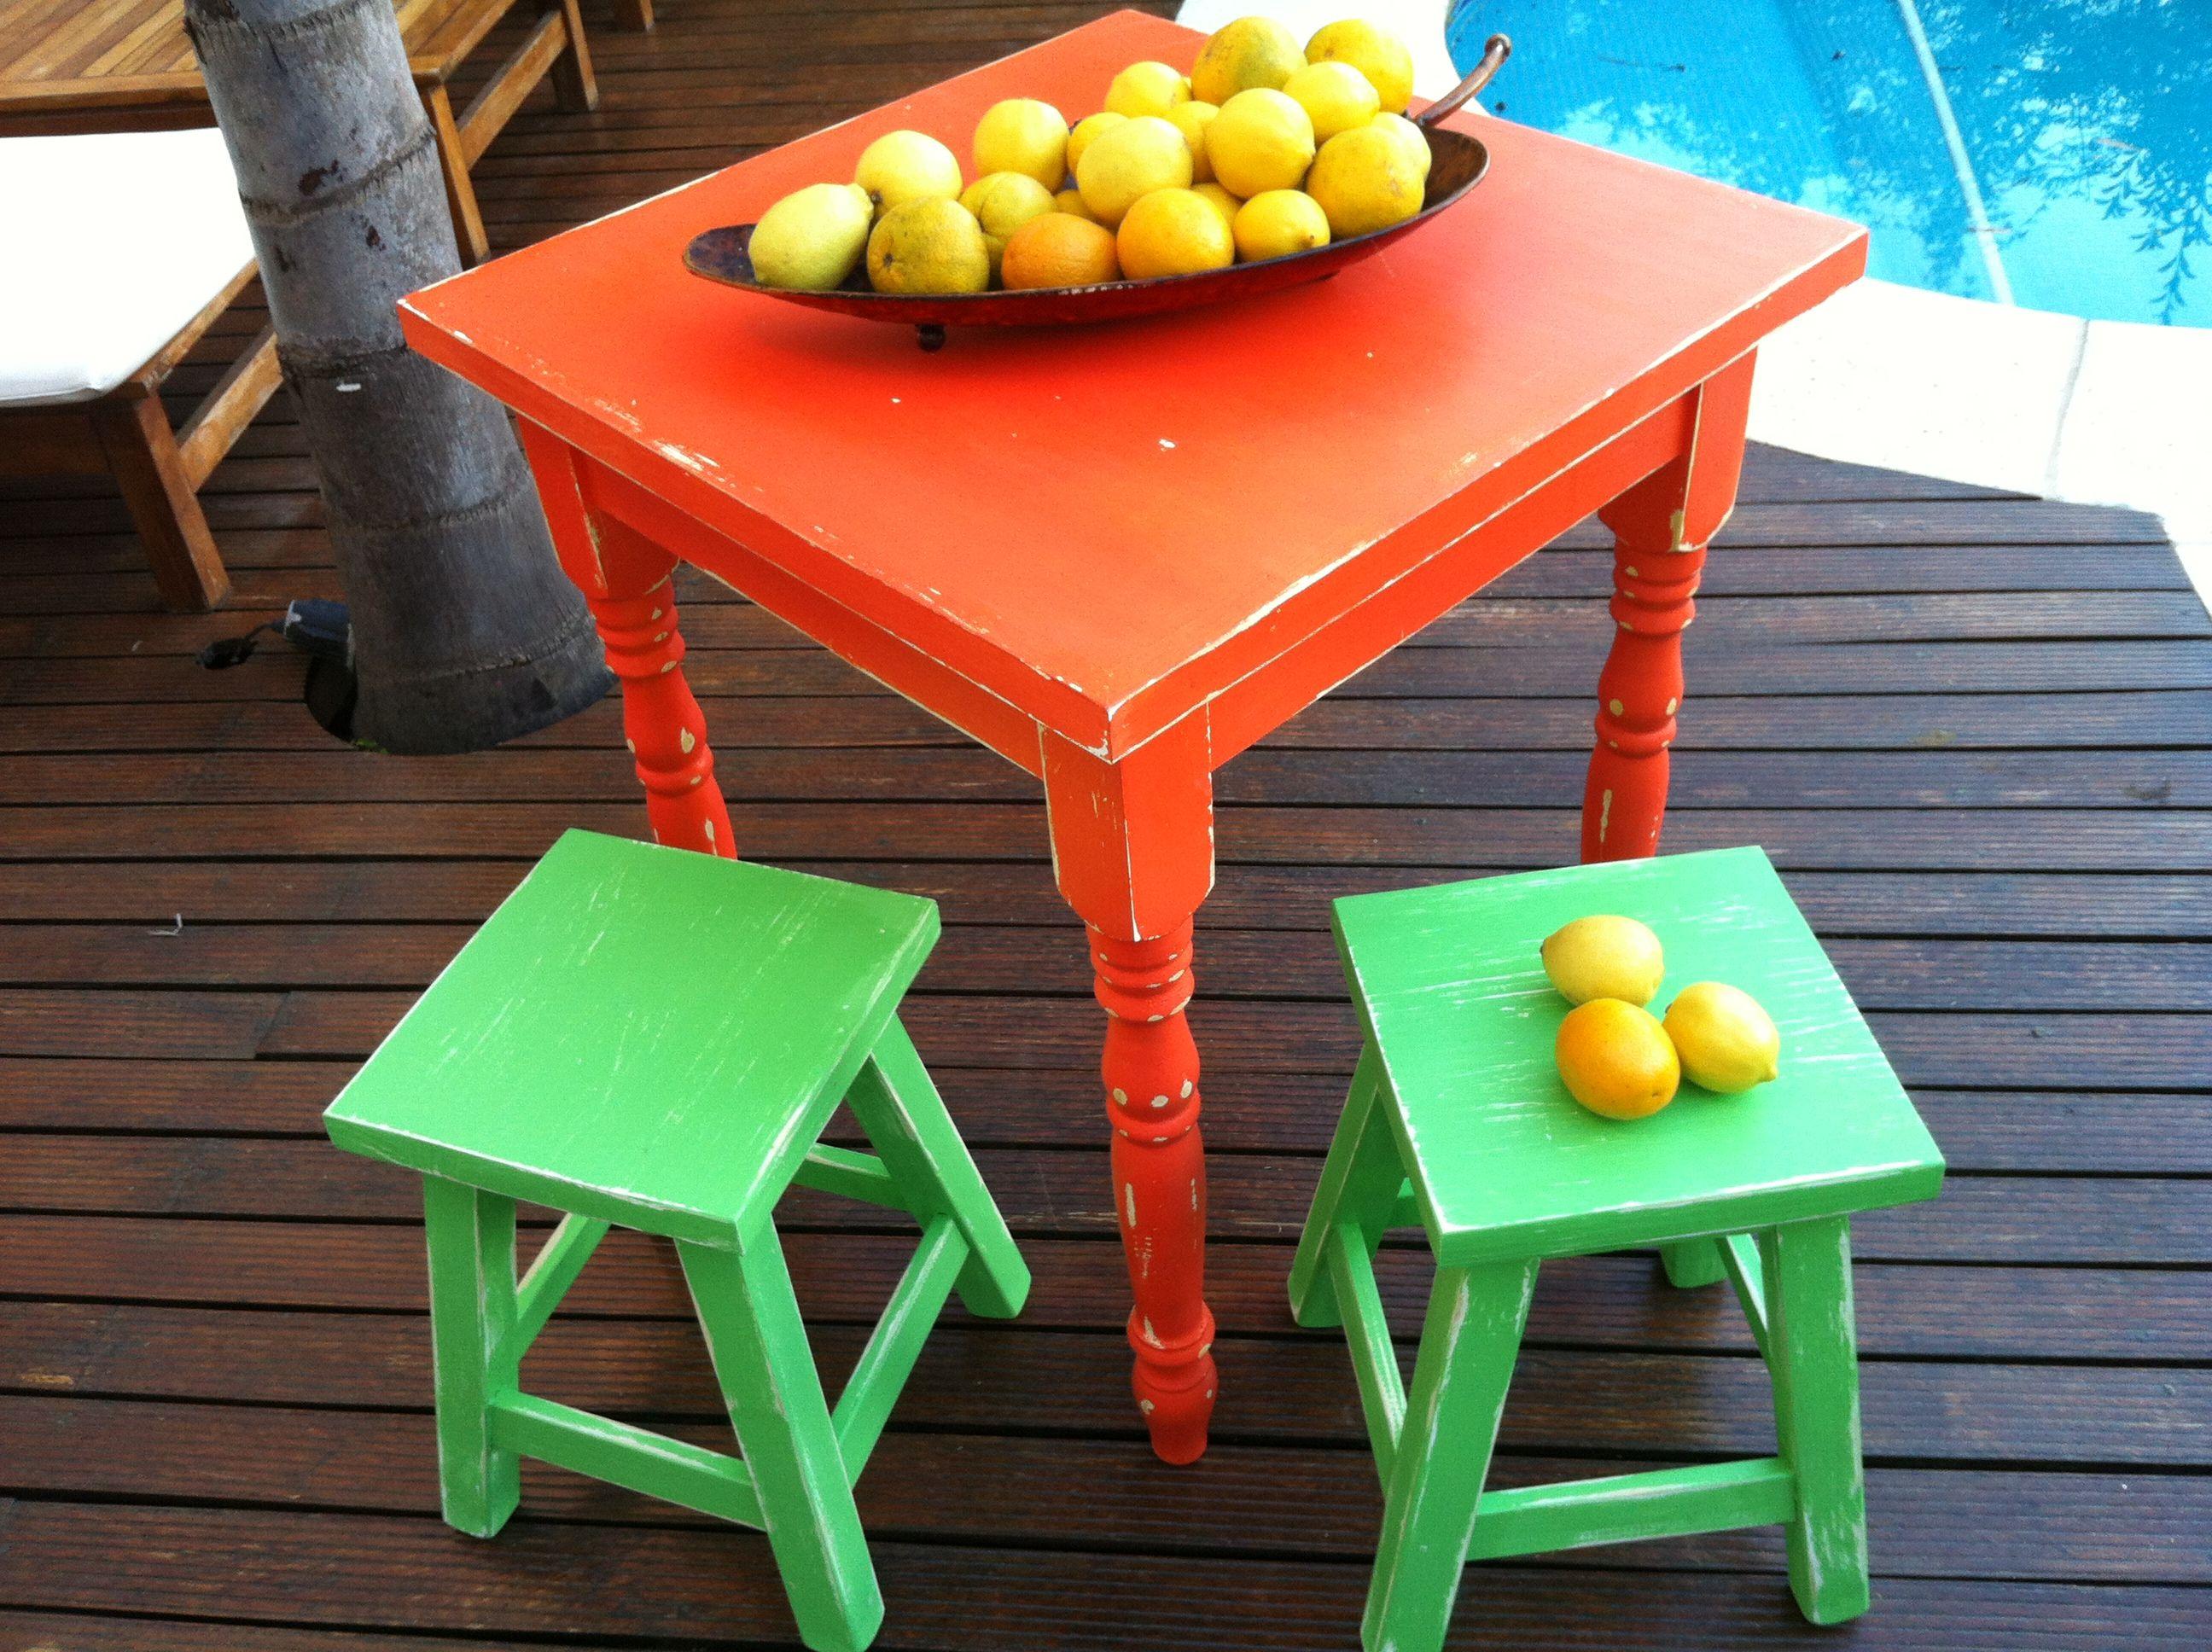 Mesa de campo naranja bancos verdes pintados a mano - Bancos estilo vintage ...